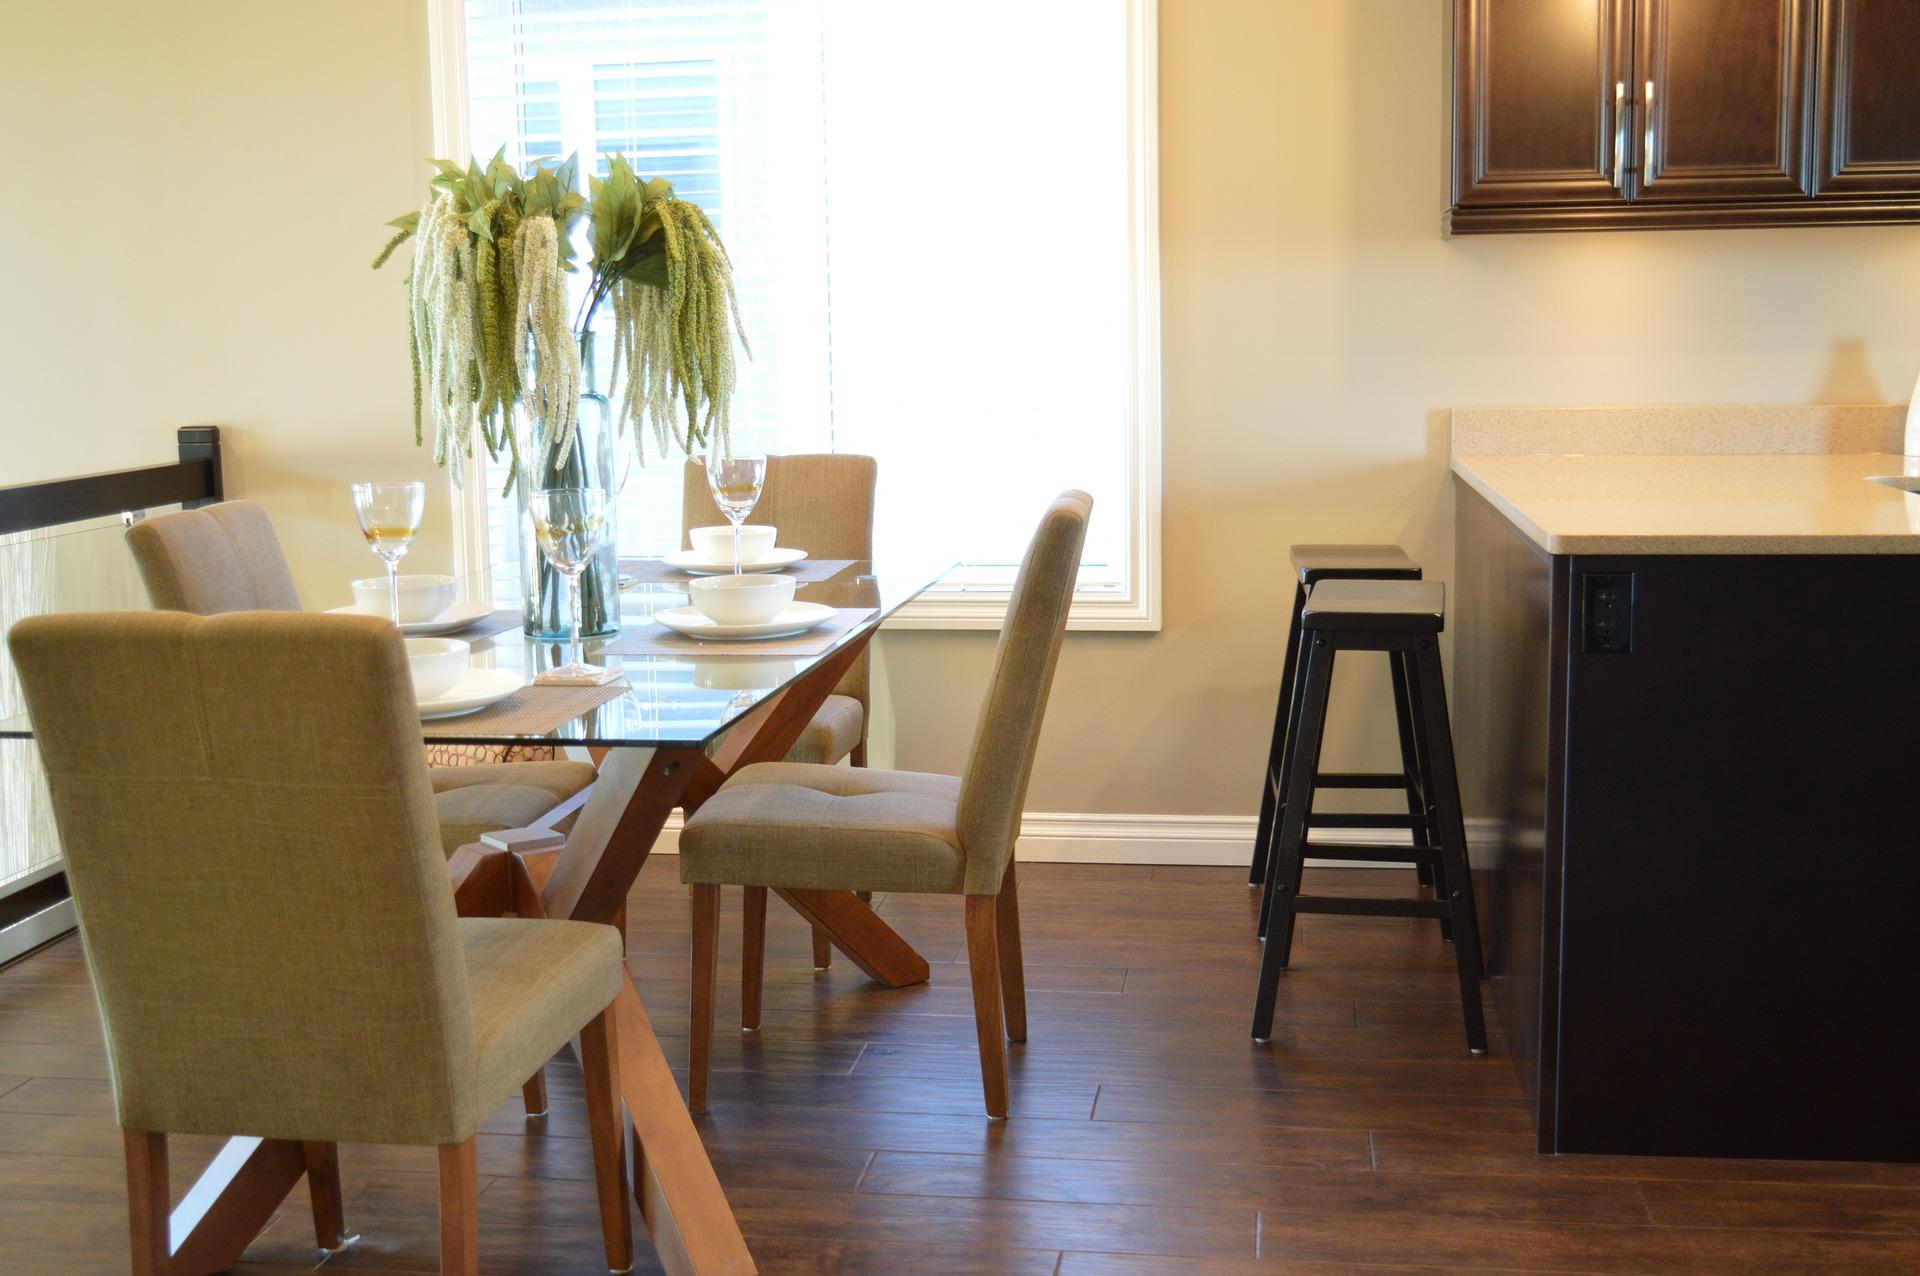 Dining Room With Vinyl Floor Tiles